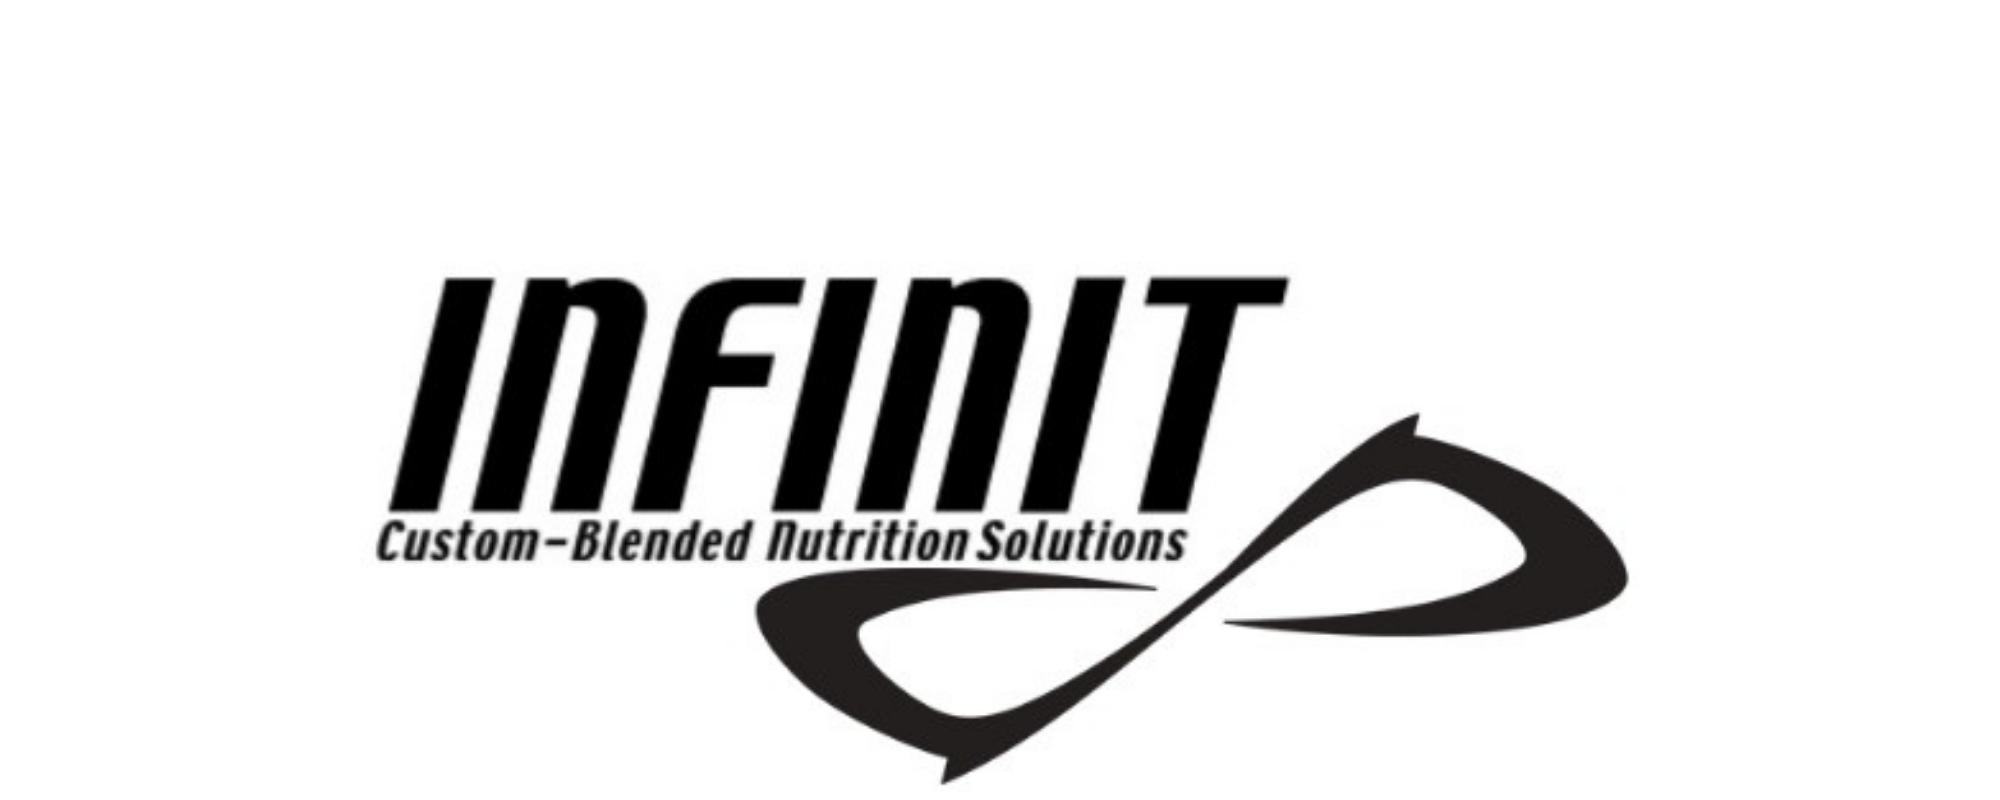 Infinit logo 2.png